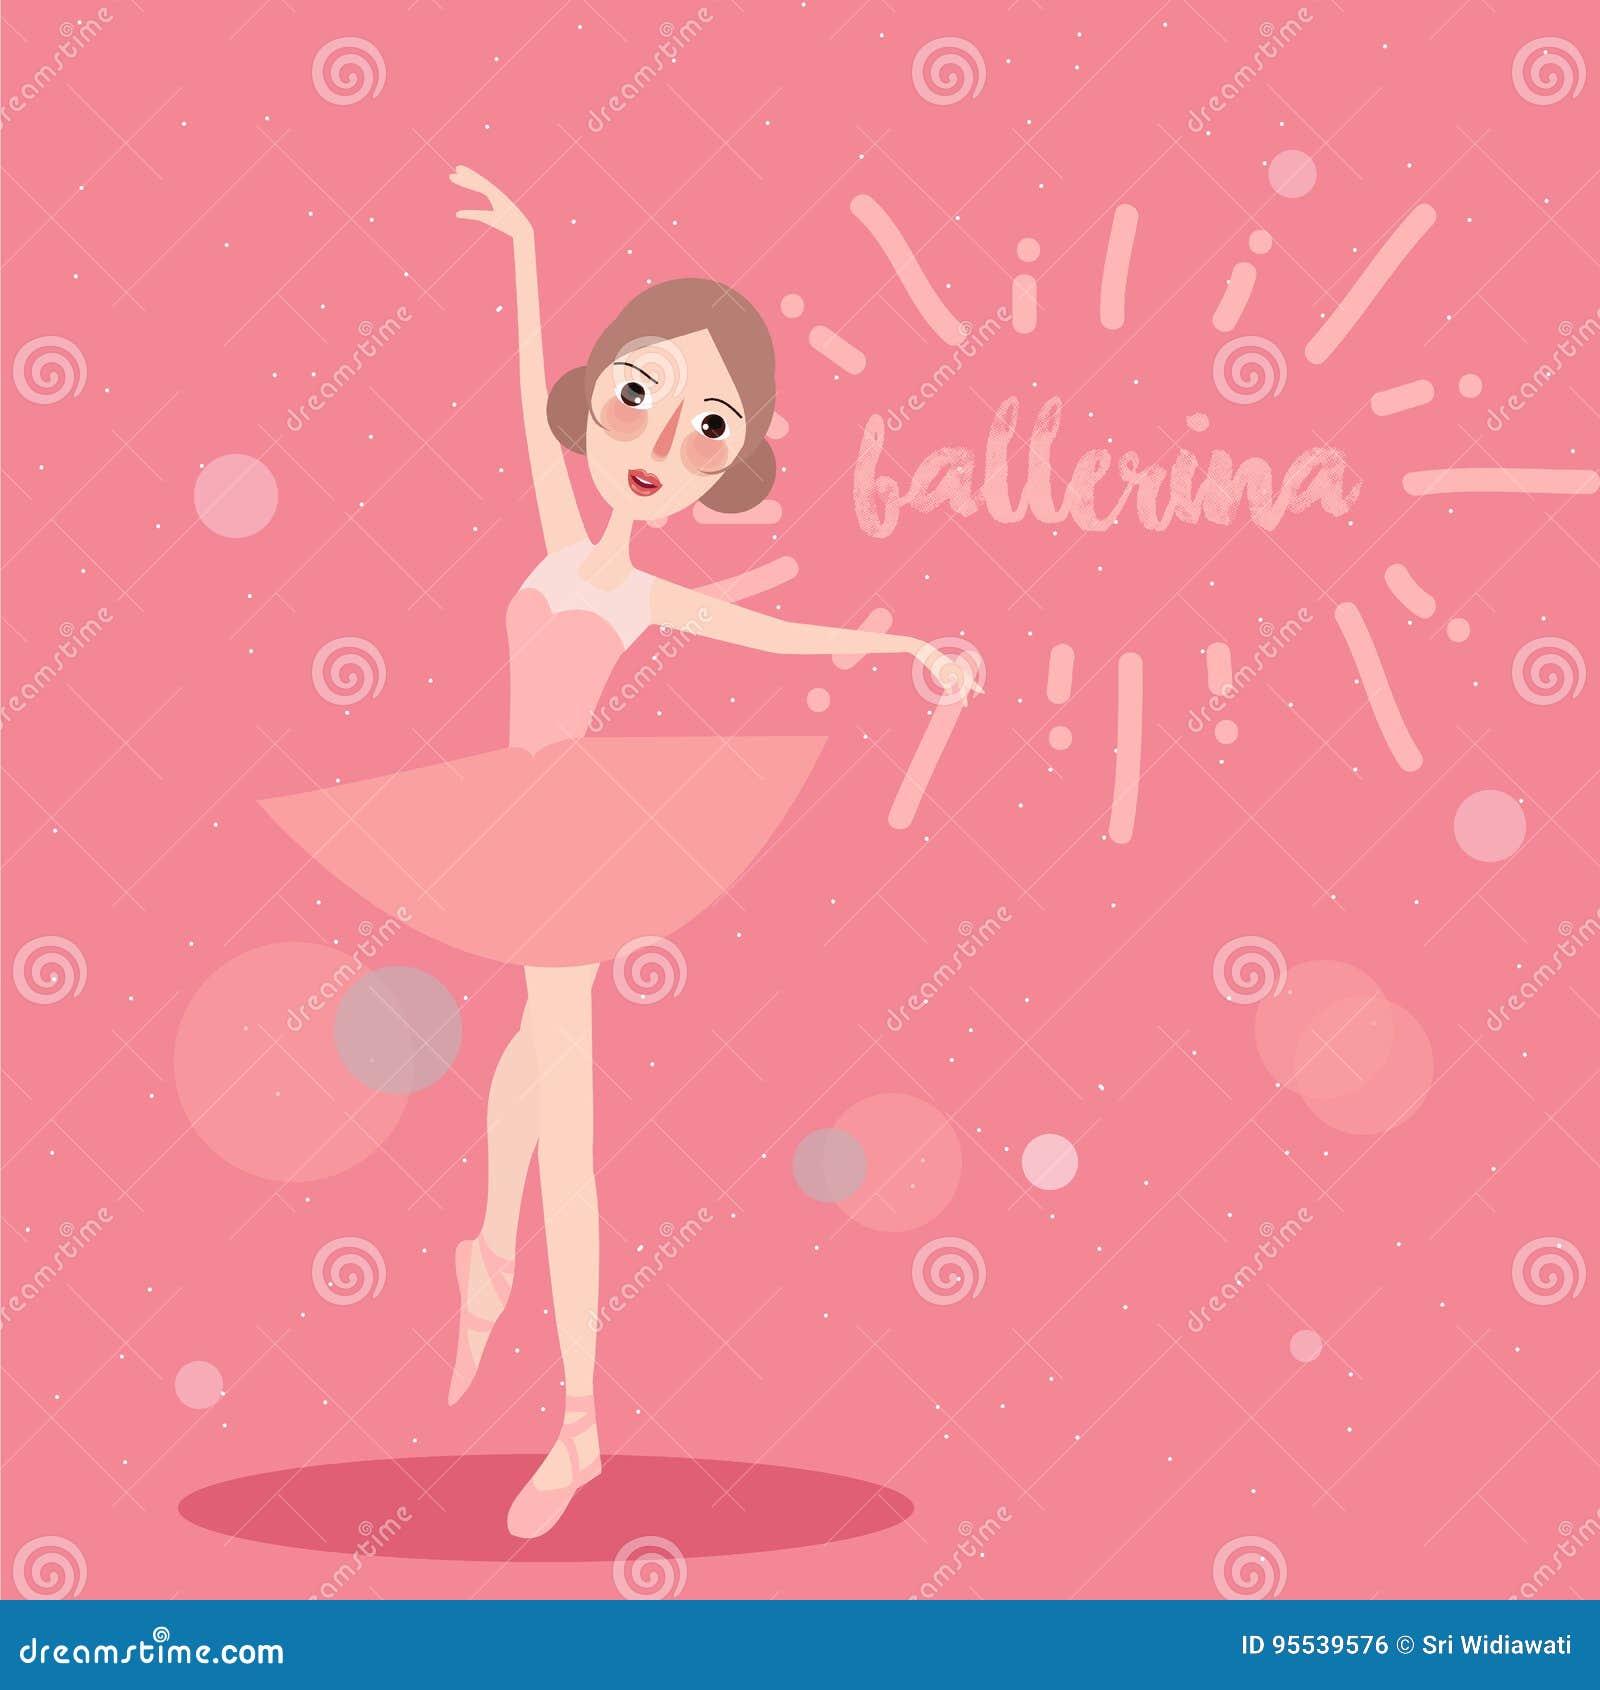 Ballerina little girl wearing ballet tutu dress dancer cute pink